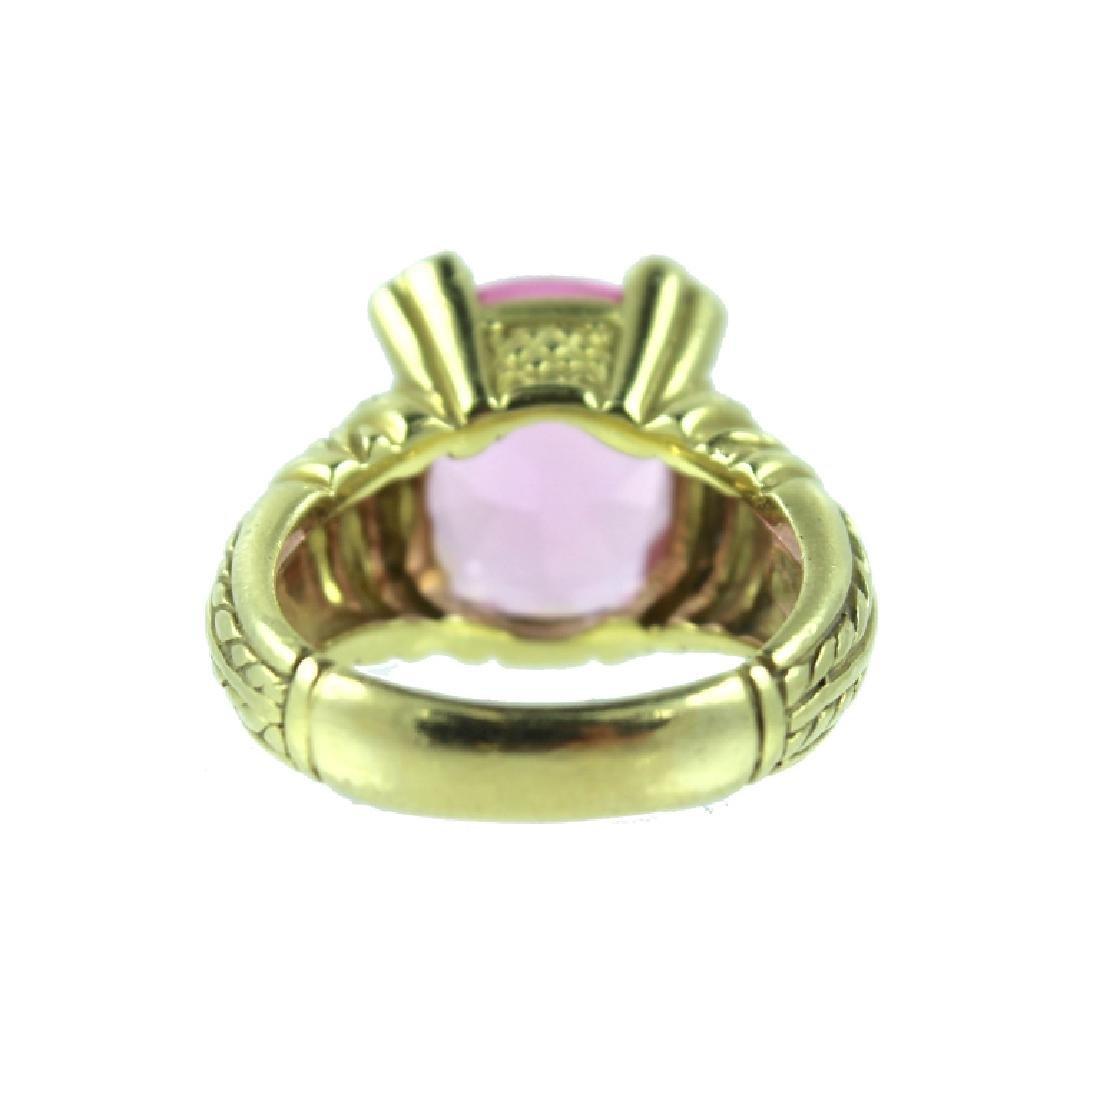 18 KARAT JUDITH RIPKA DIAMOND RING - 2